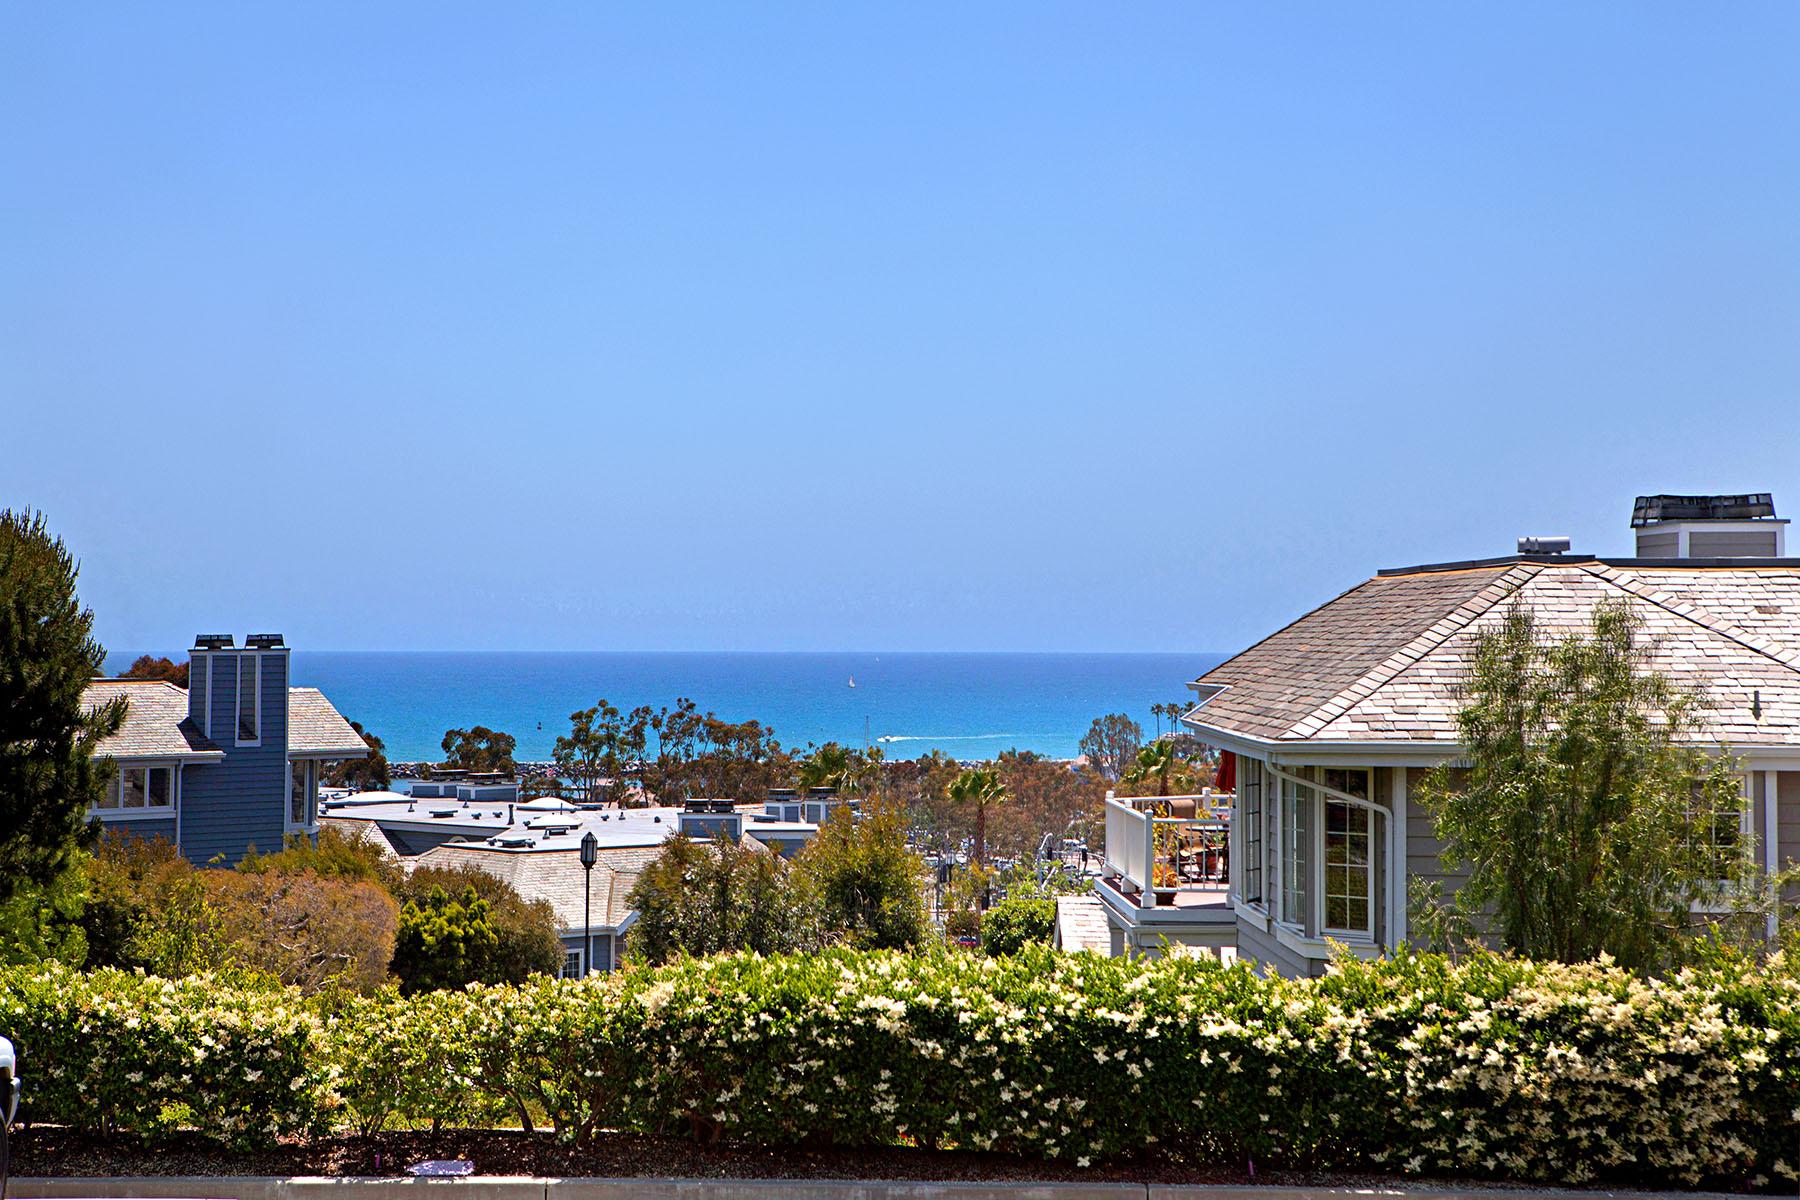 콘도미니엄 용 매매 에 34300 Lantern Bay #67 Dana Point, 캘리포니아, 92629 미국